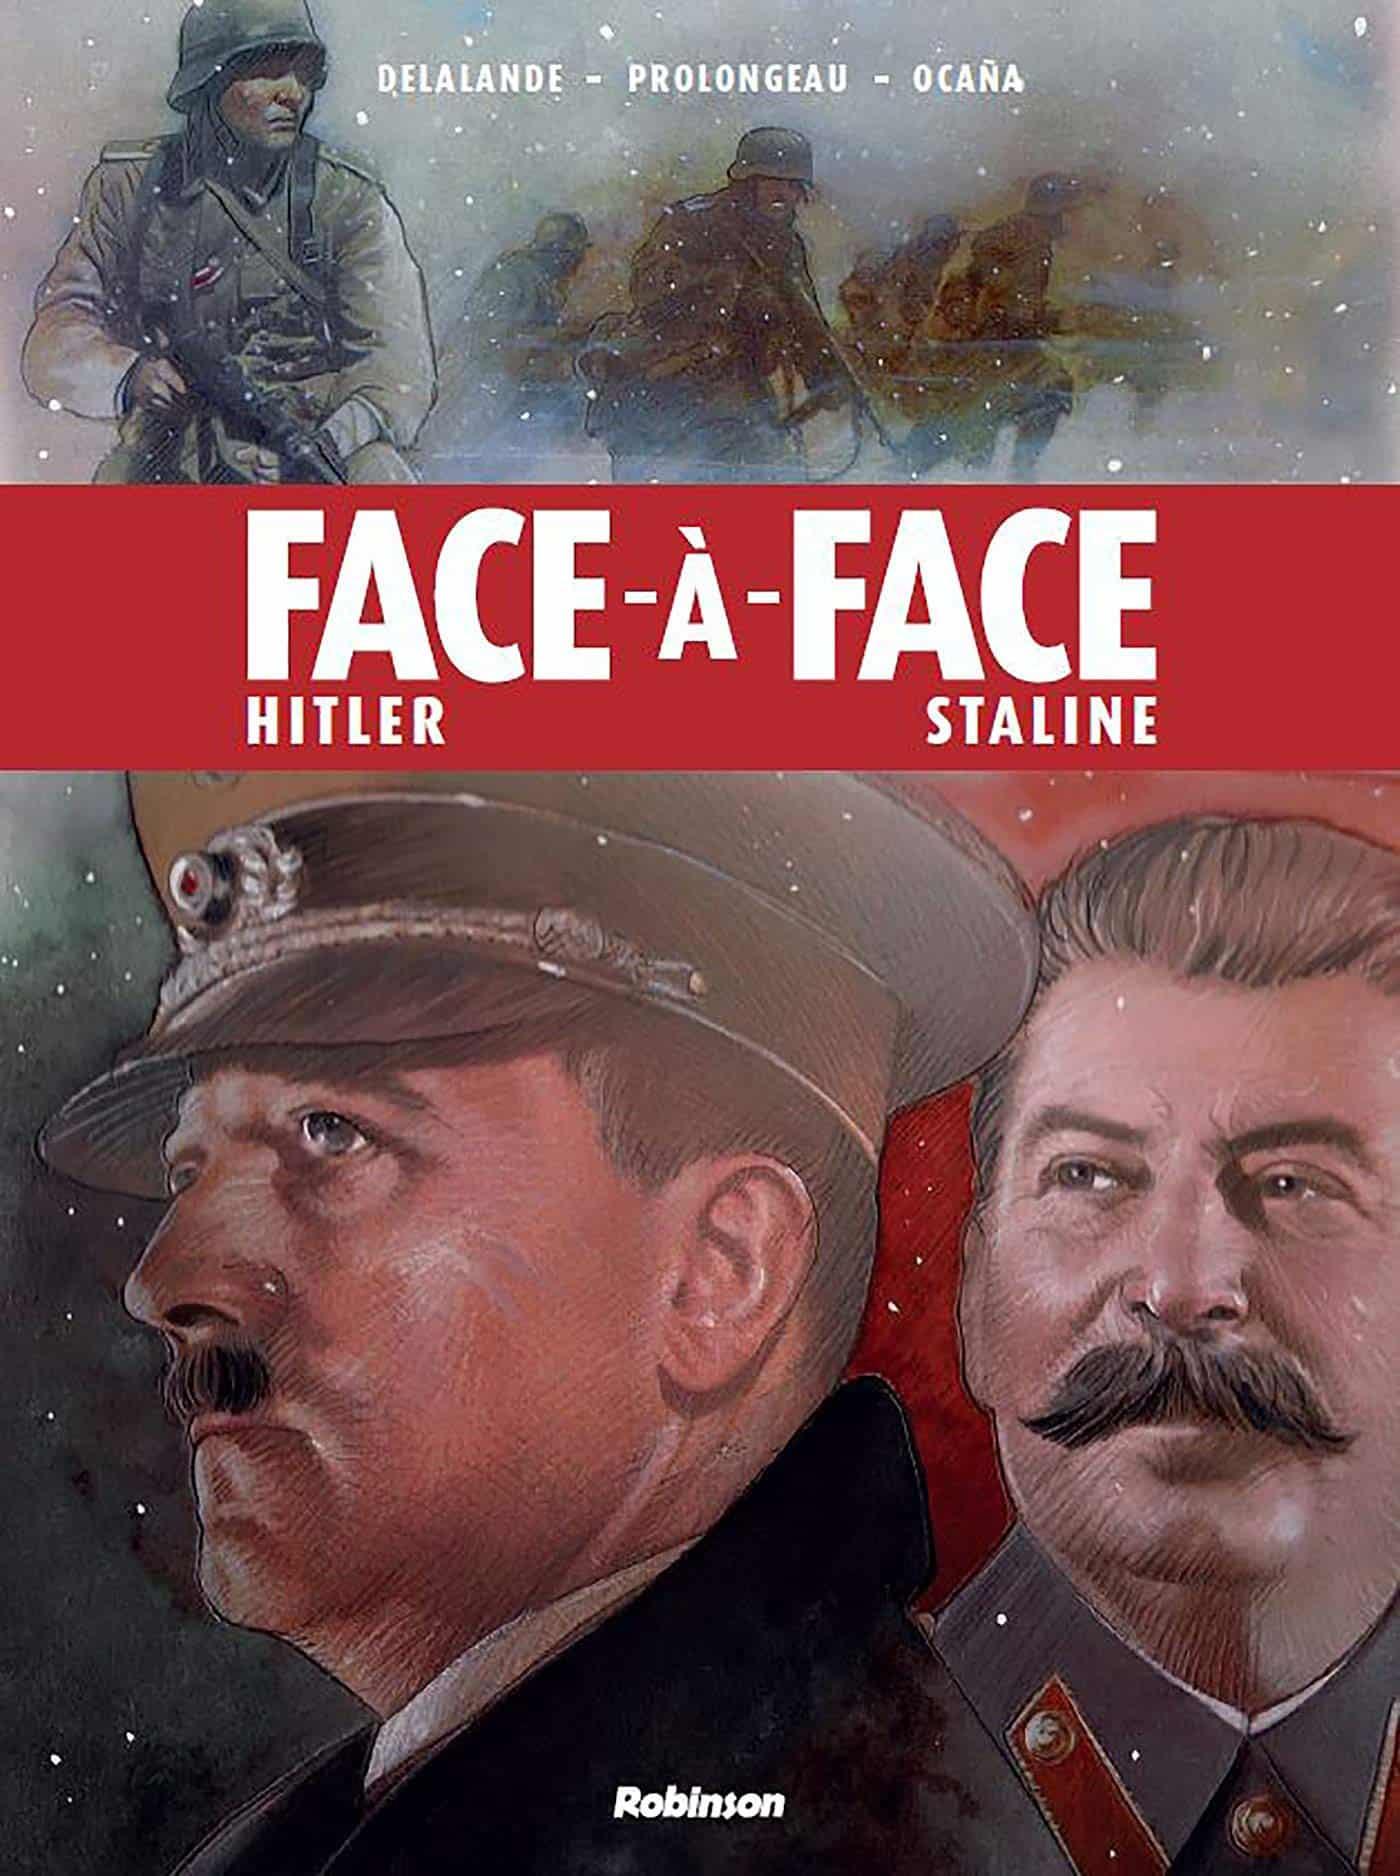 Face-à-face Hitler et Staline, un combat de titans monstrueux